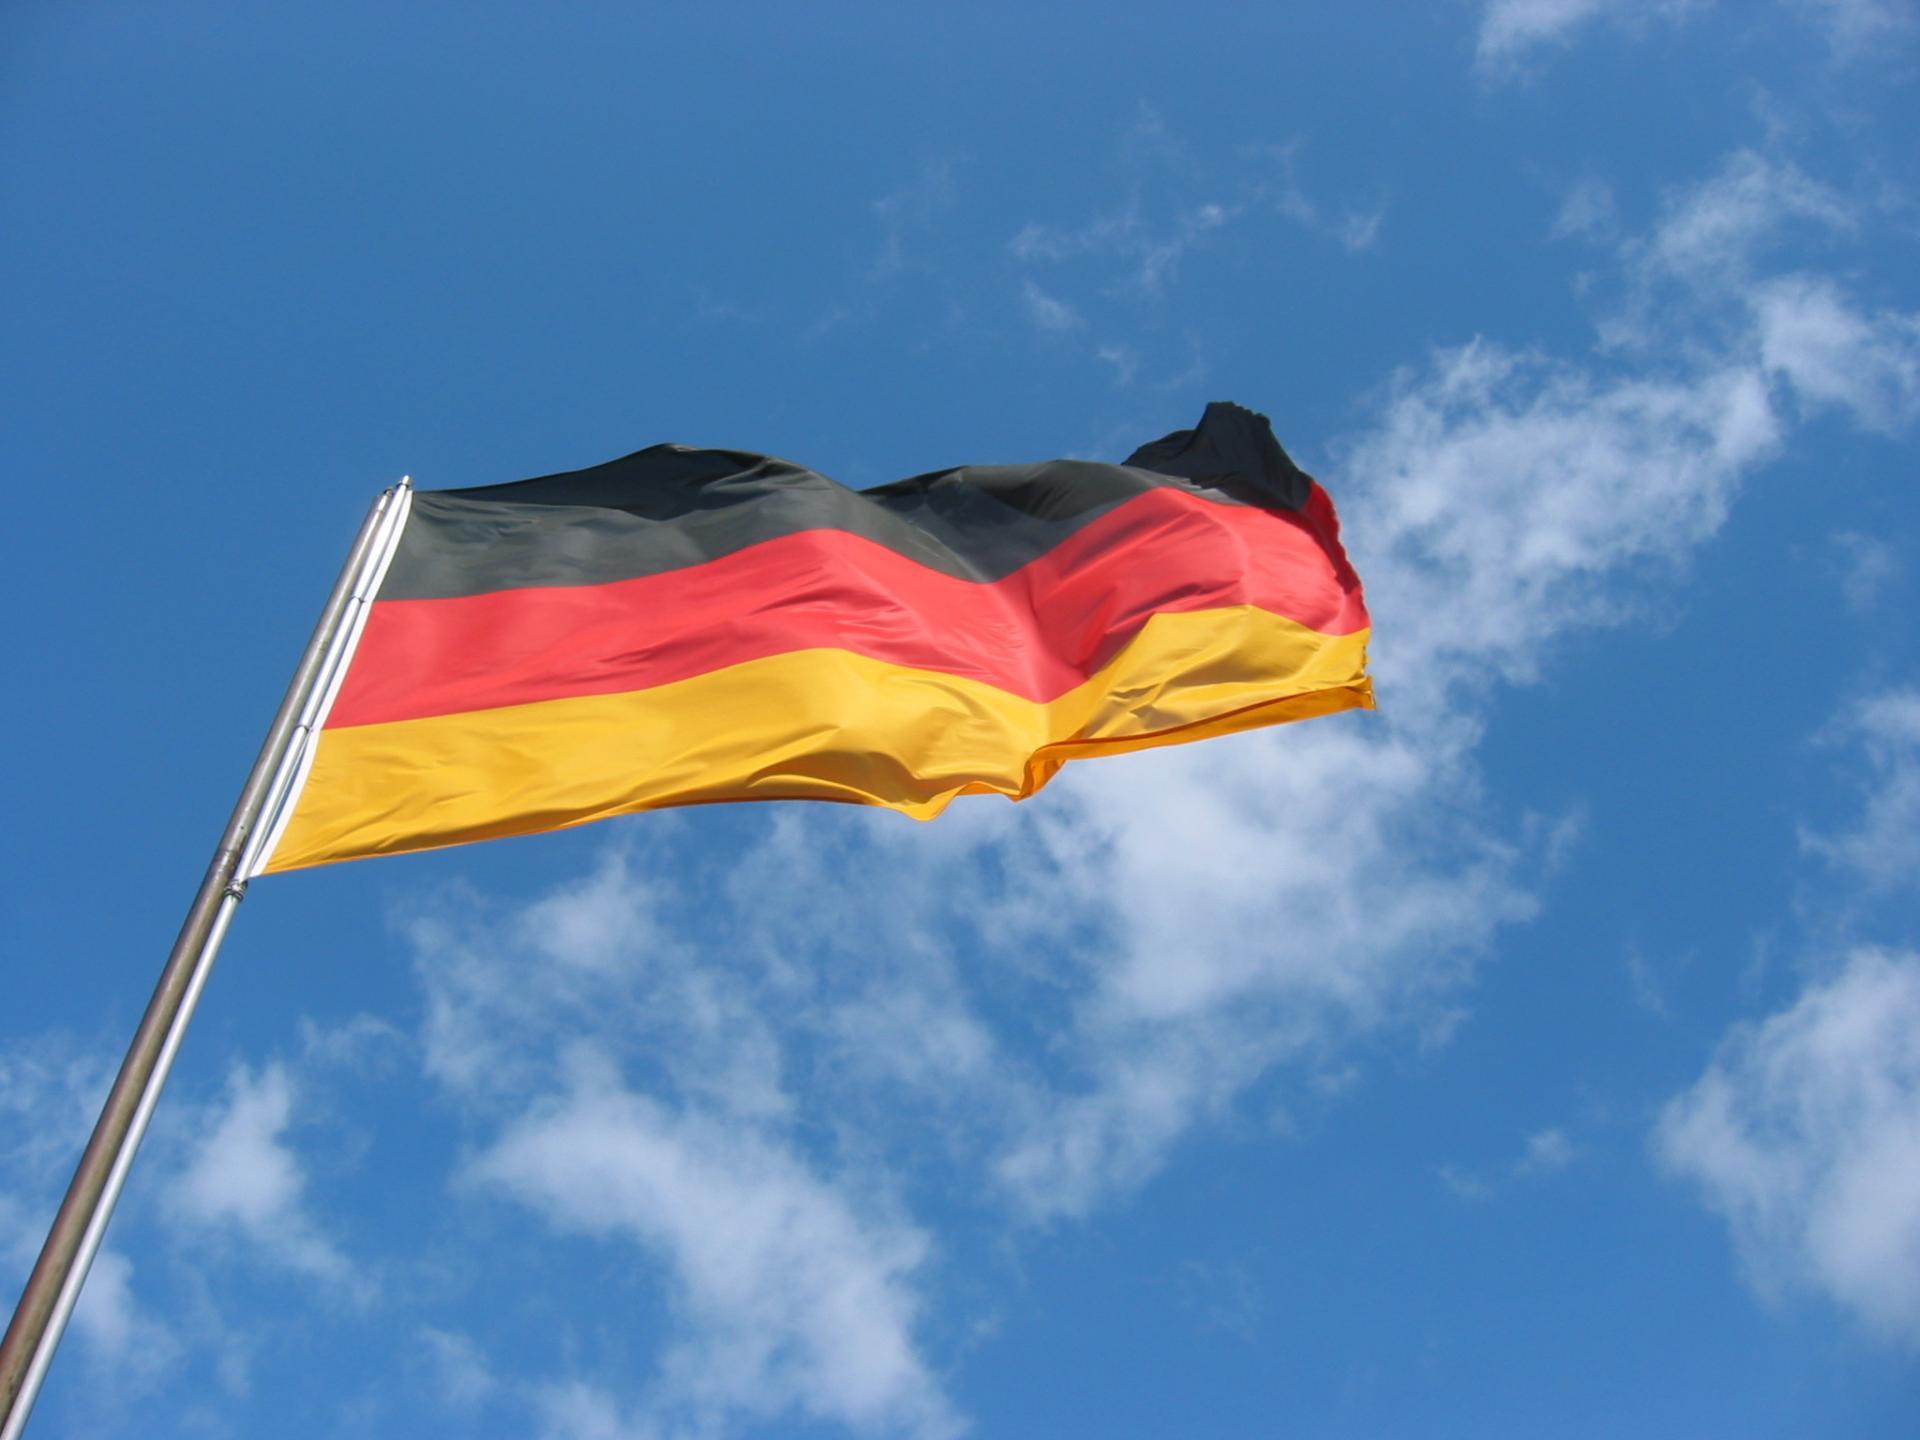 Перечень и требования к документам для оформления визы в Германию